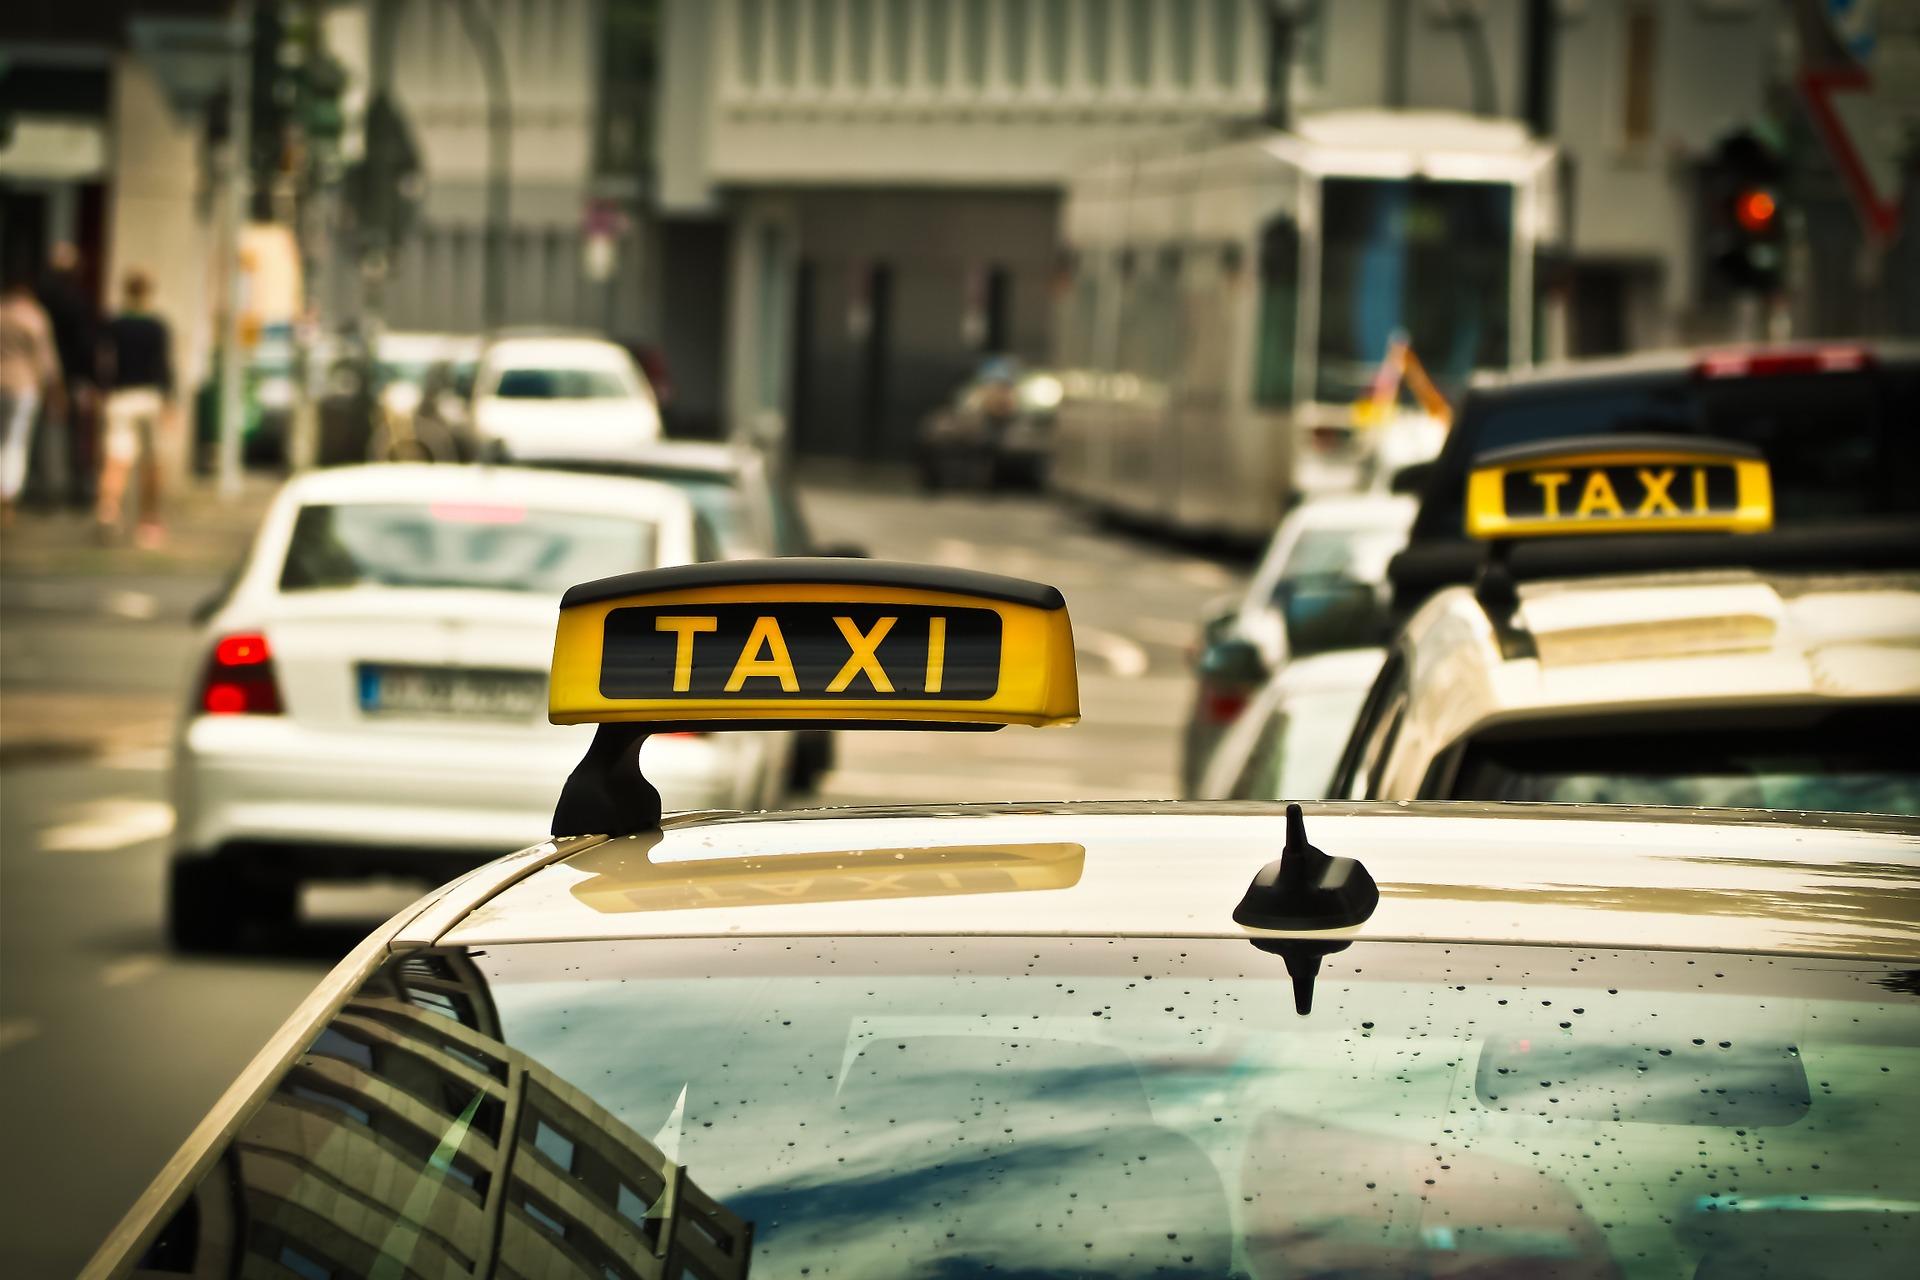 SMHS 2020 - Anreise mit dem Taxi